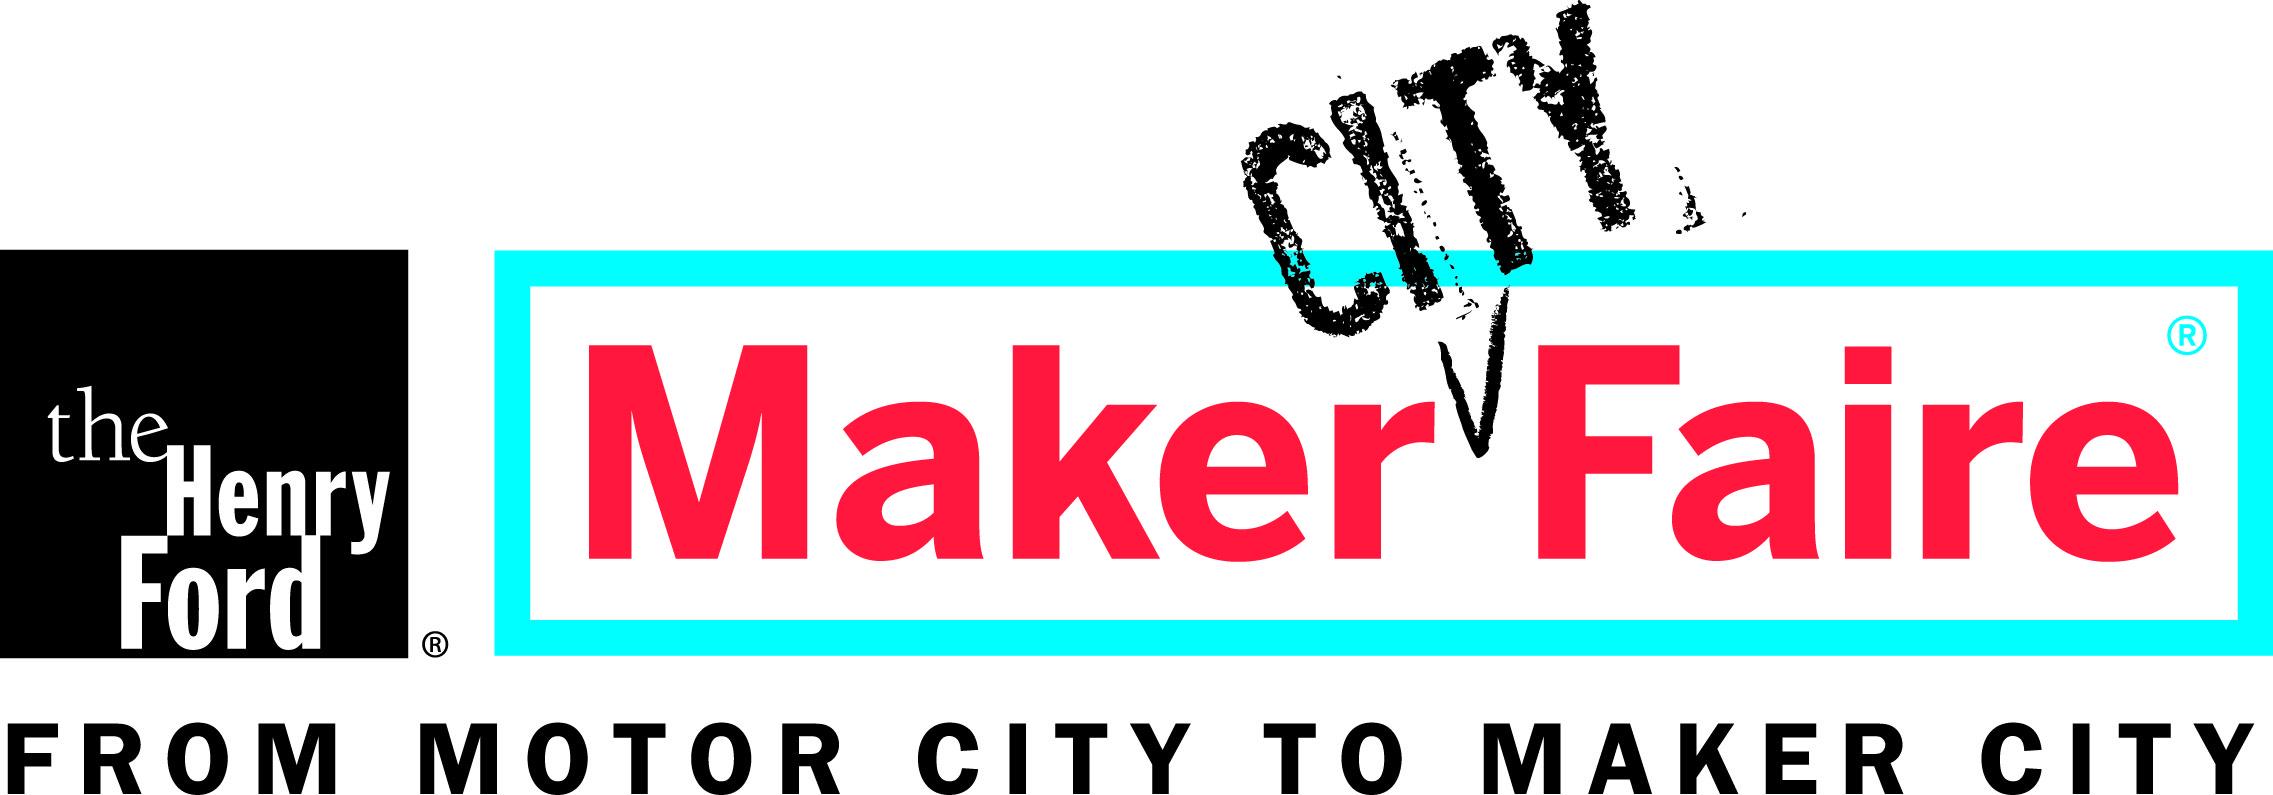 Maker Faire Detroit 2010